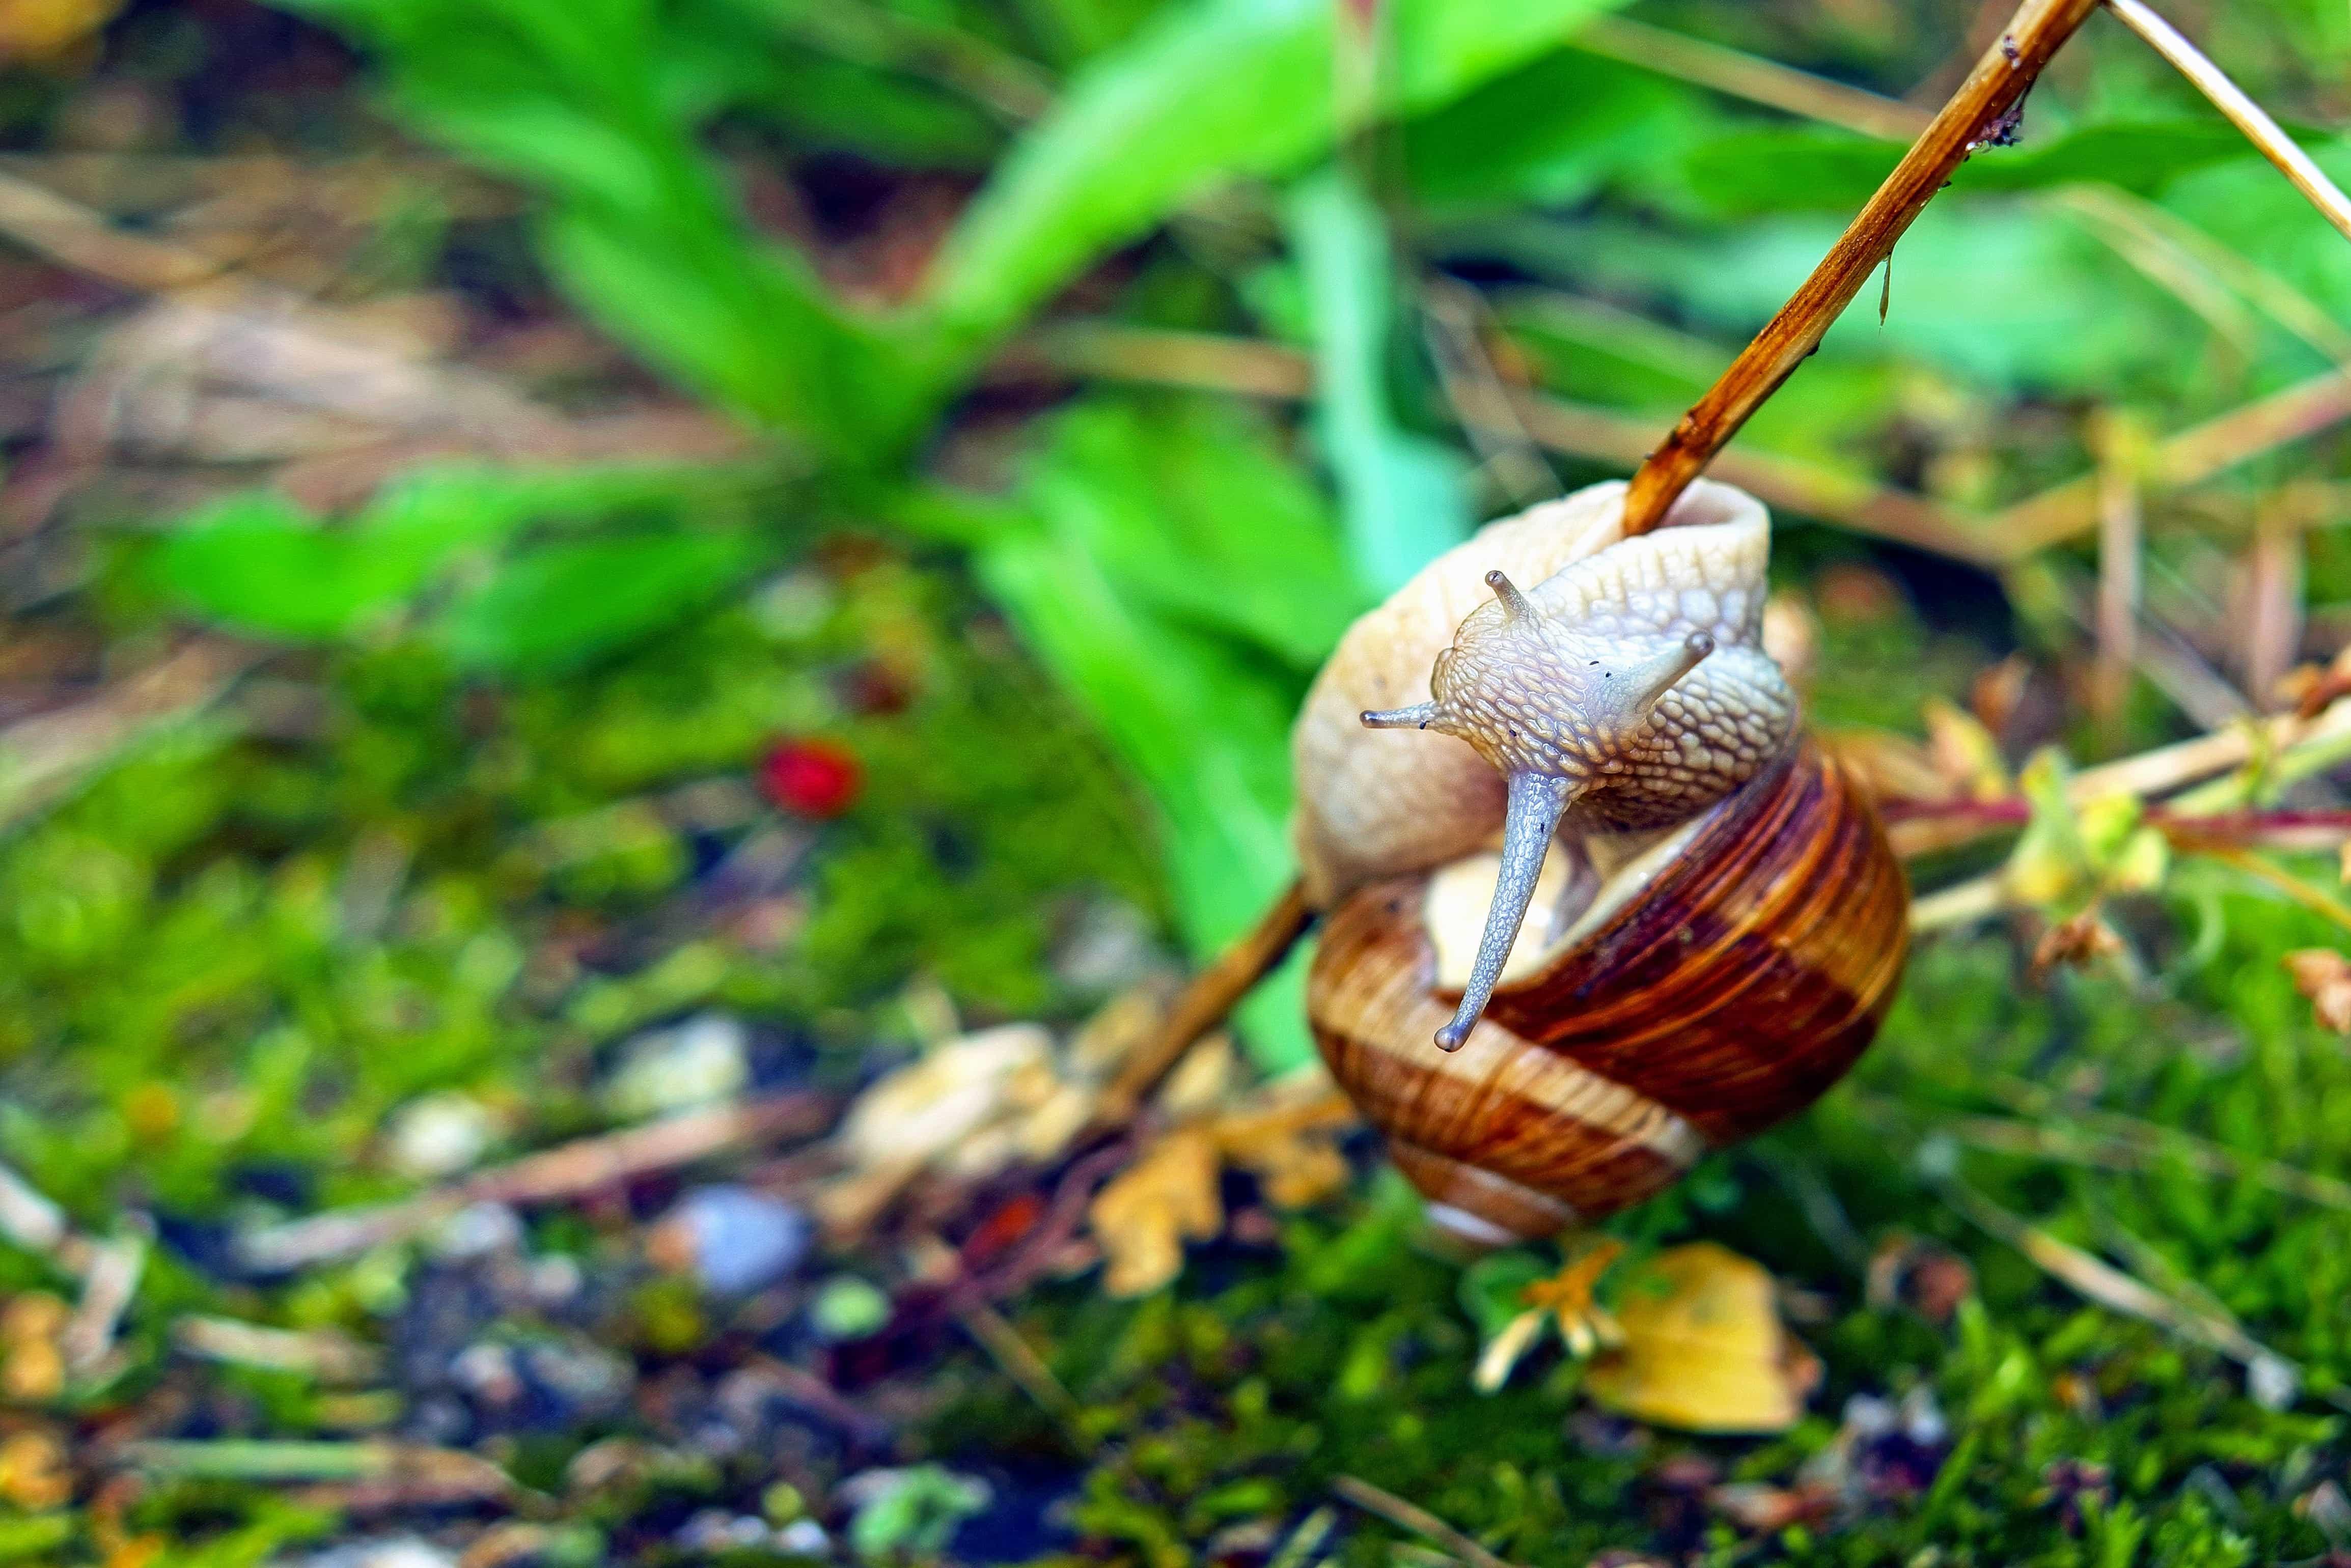 Imagen gratis flora caracol comida hojas jard n for Caracol de jardin alimentacion